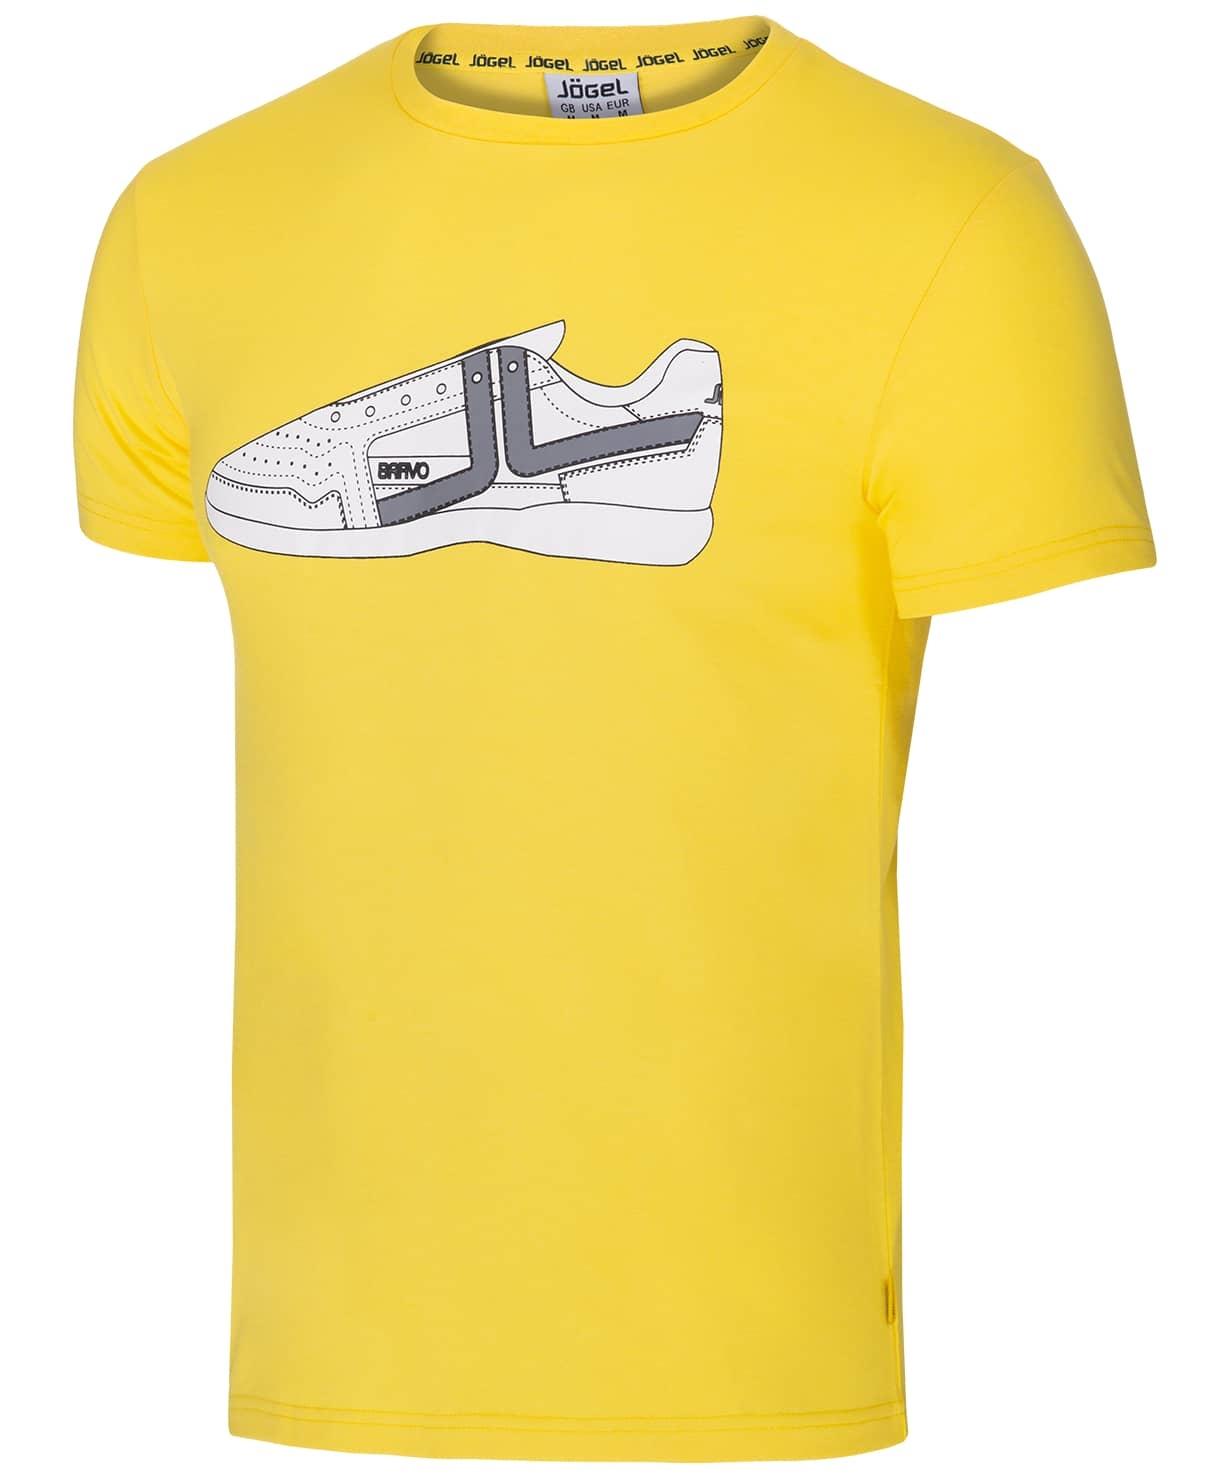 Футболка JCT-5202-041, хлопок, желтый/белый, детская